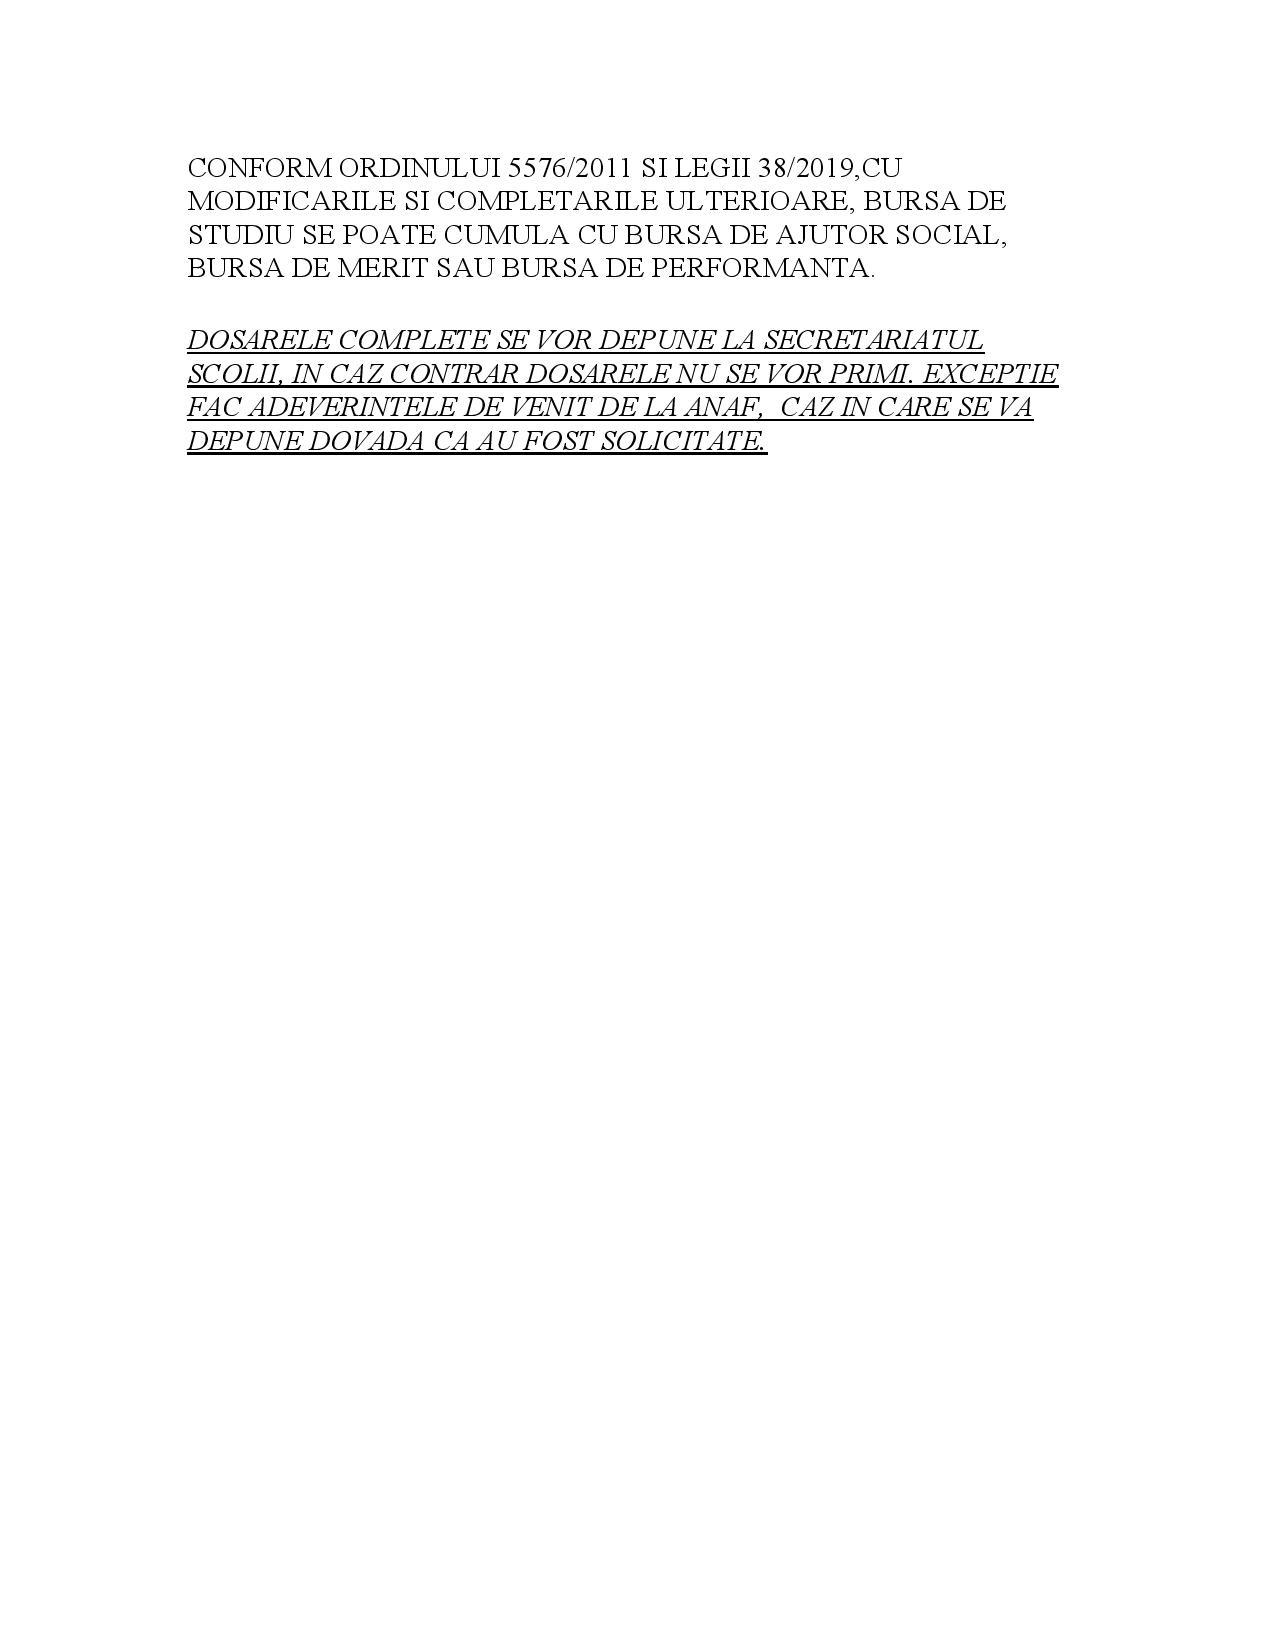 burse-page-004